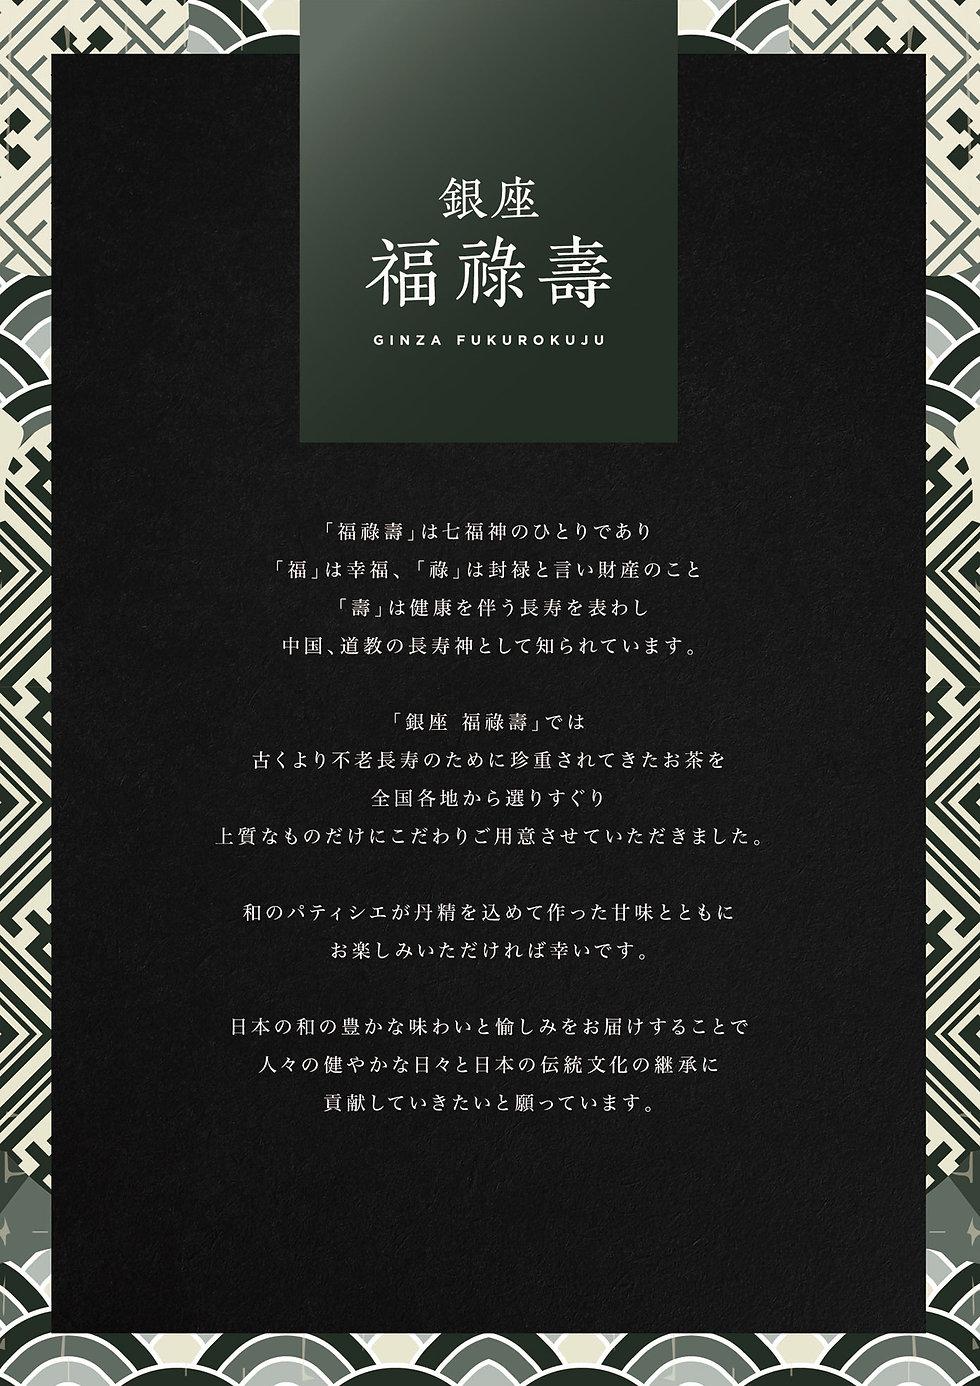 menu_001-2.jpg